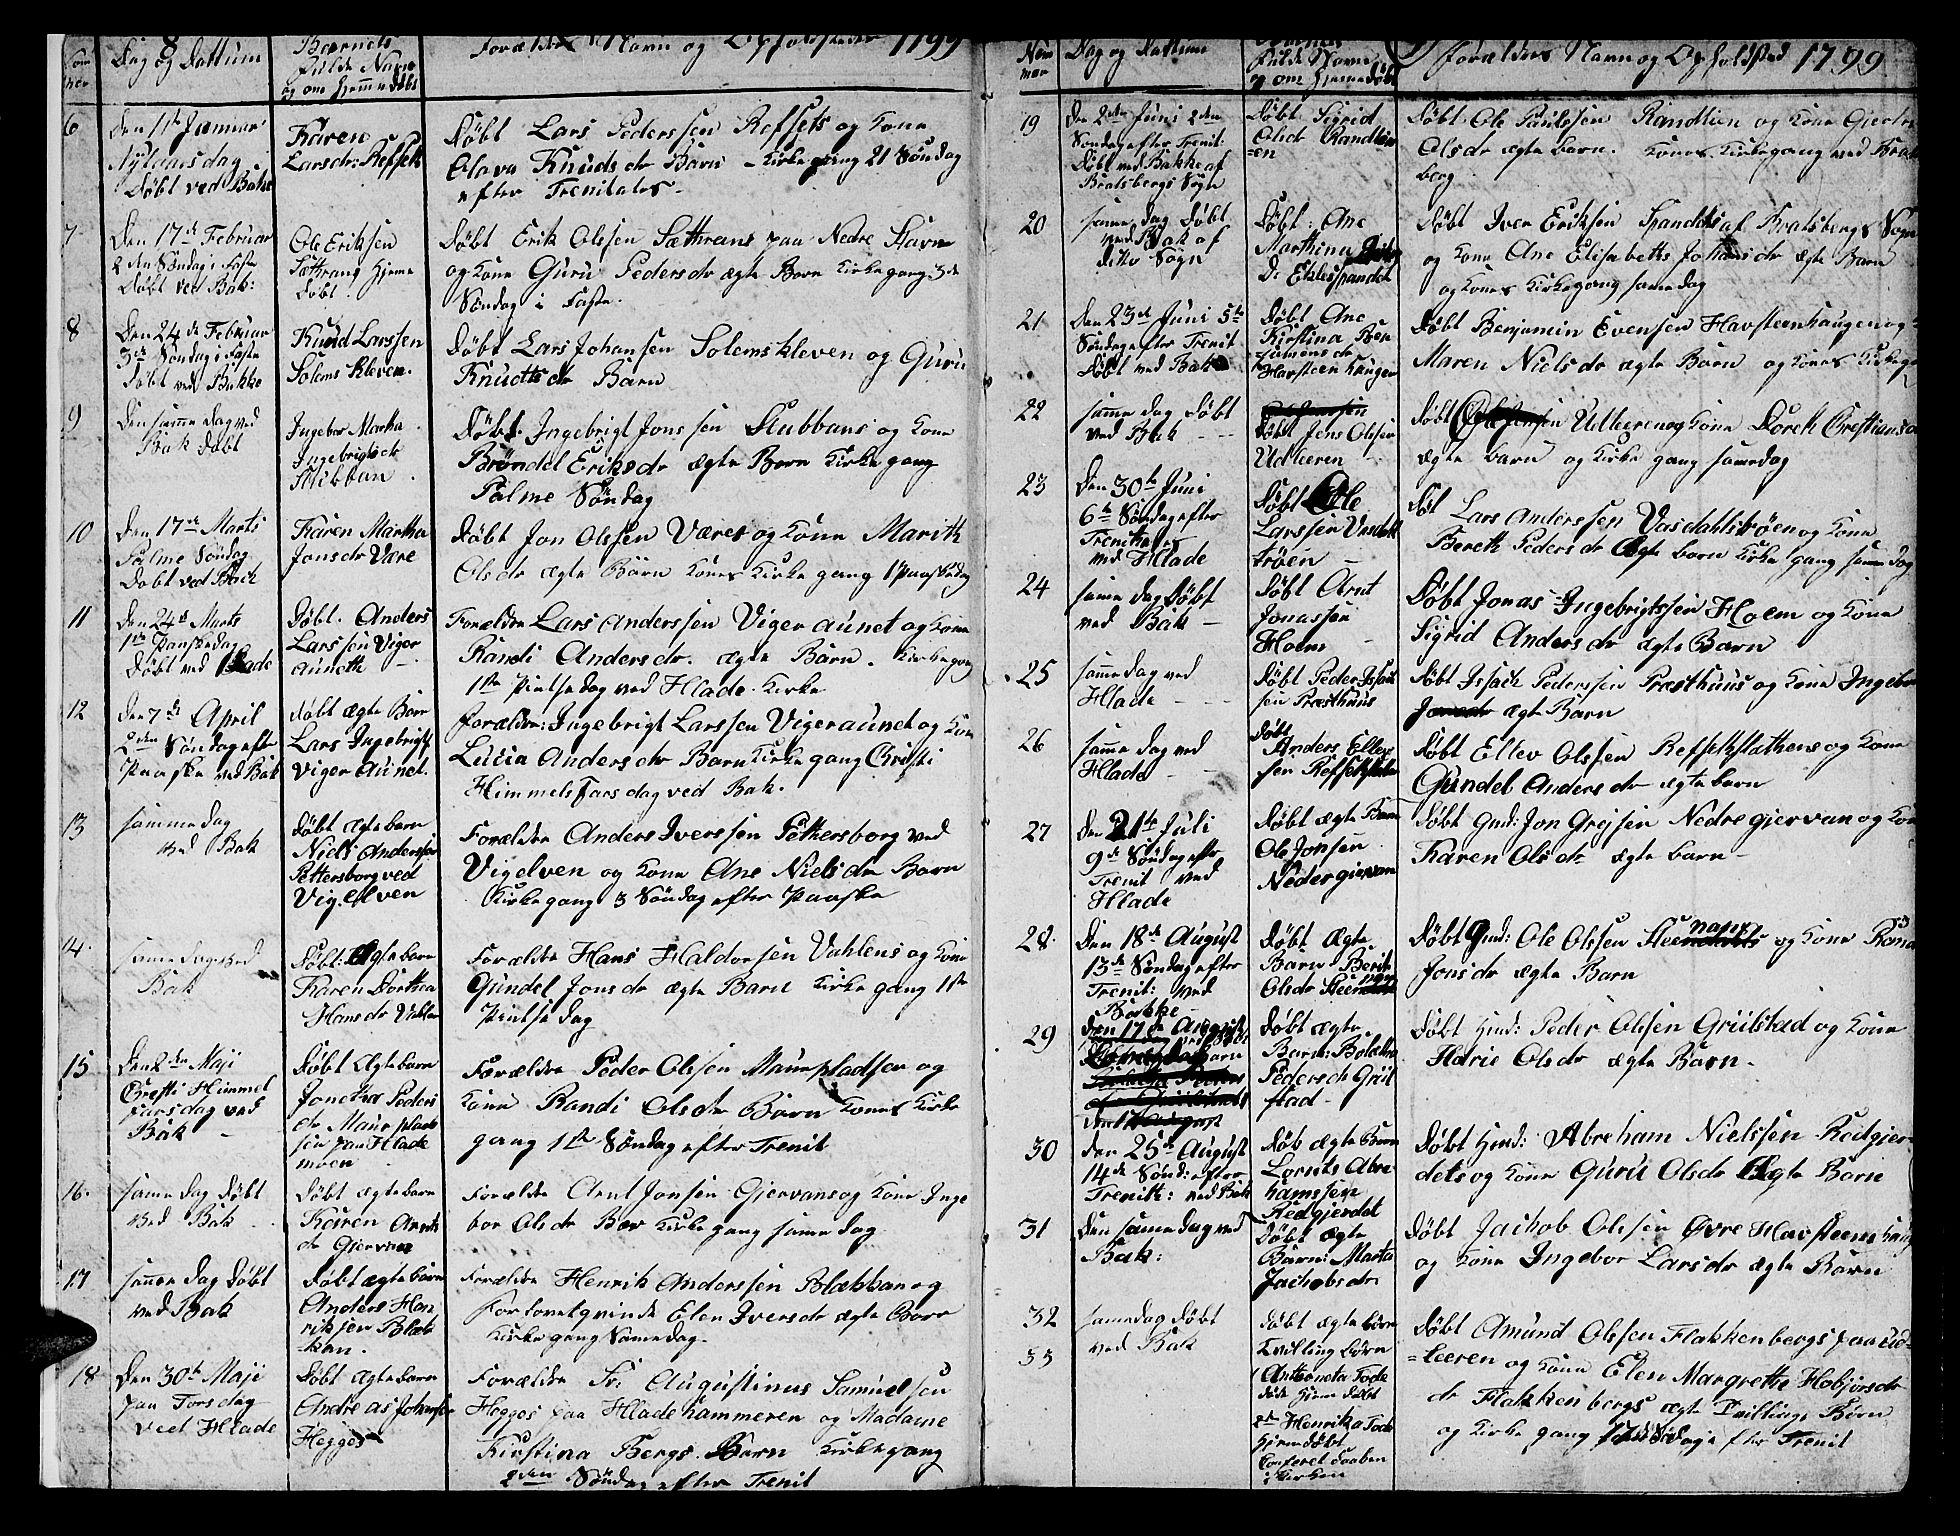 SAT, Ministerialprotokoller, klokkerbøker og fødselsregistre - Sør-Trøndelag, 606/L0306: Klokkerbok nr. 606C02, 1797-1829, s. 8-9